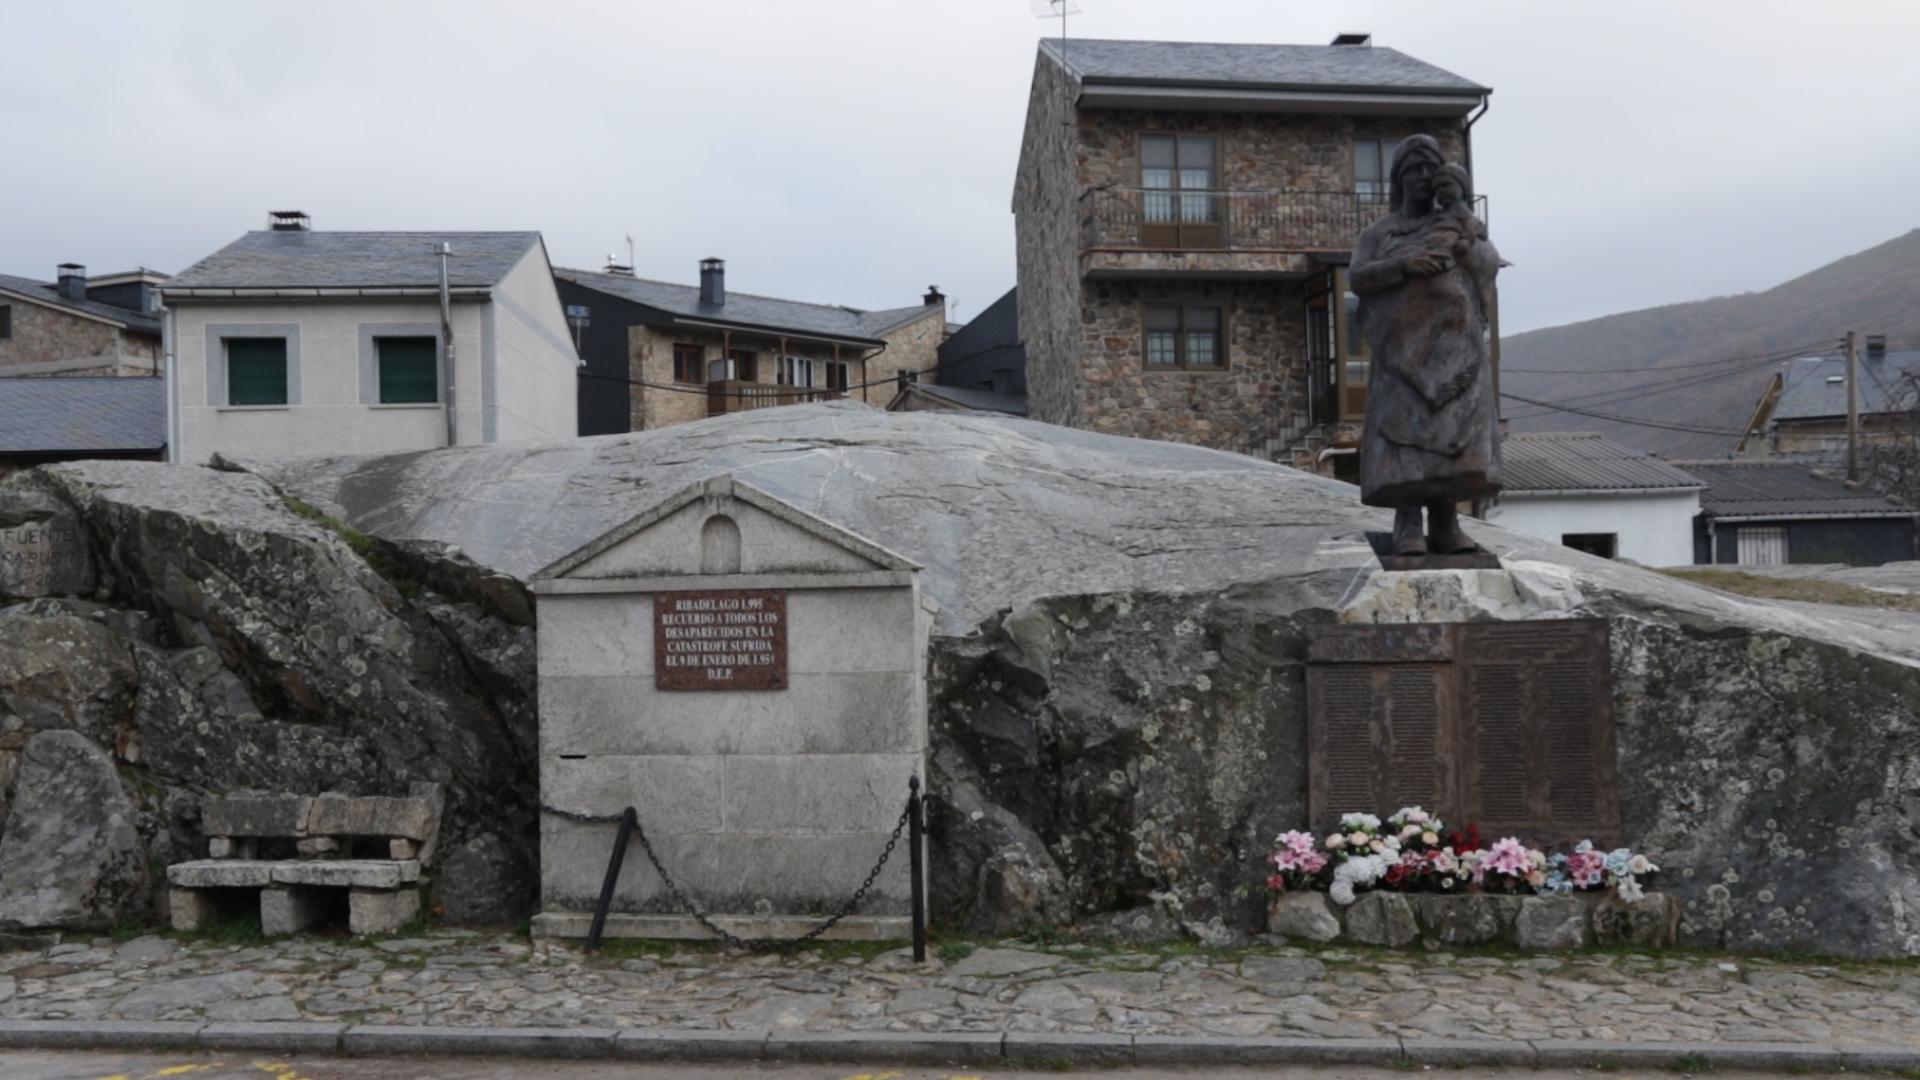 La estatua que conmemora a las 144 víctimas mortales de la catástrofe